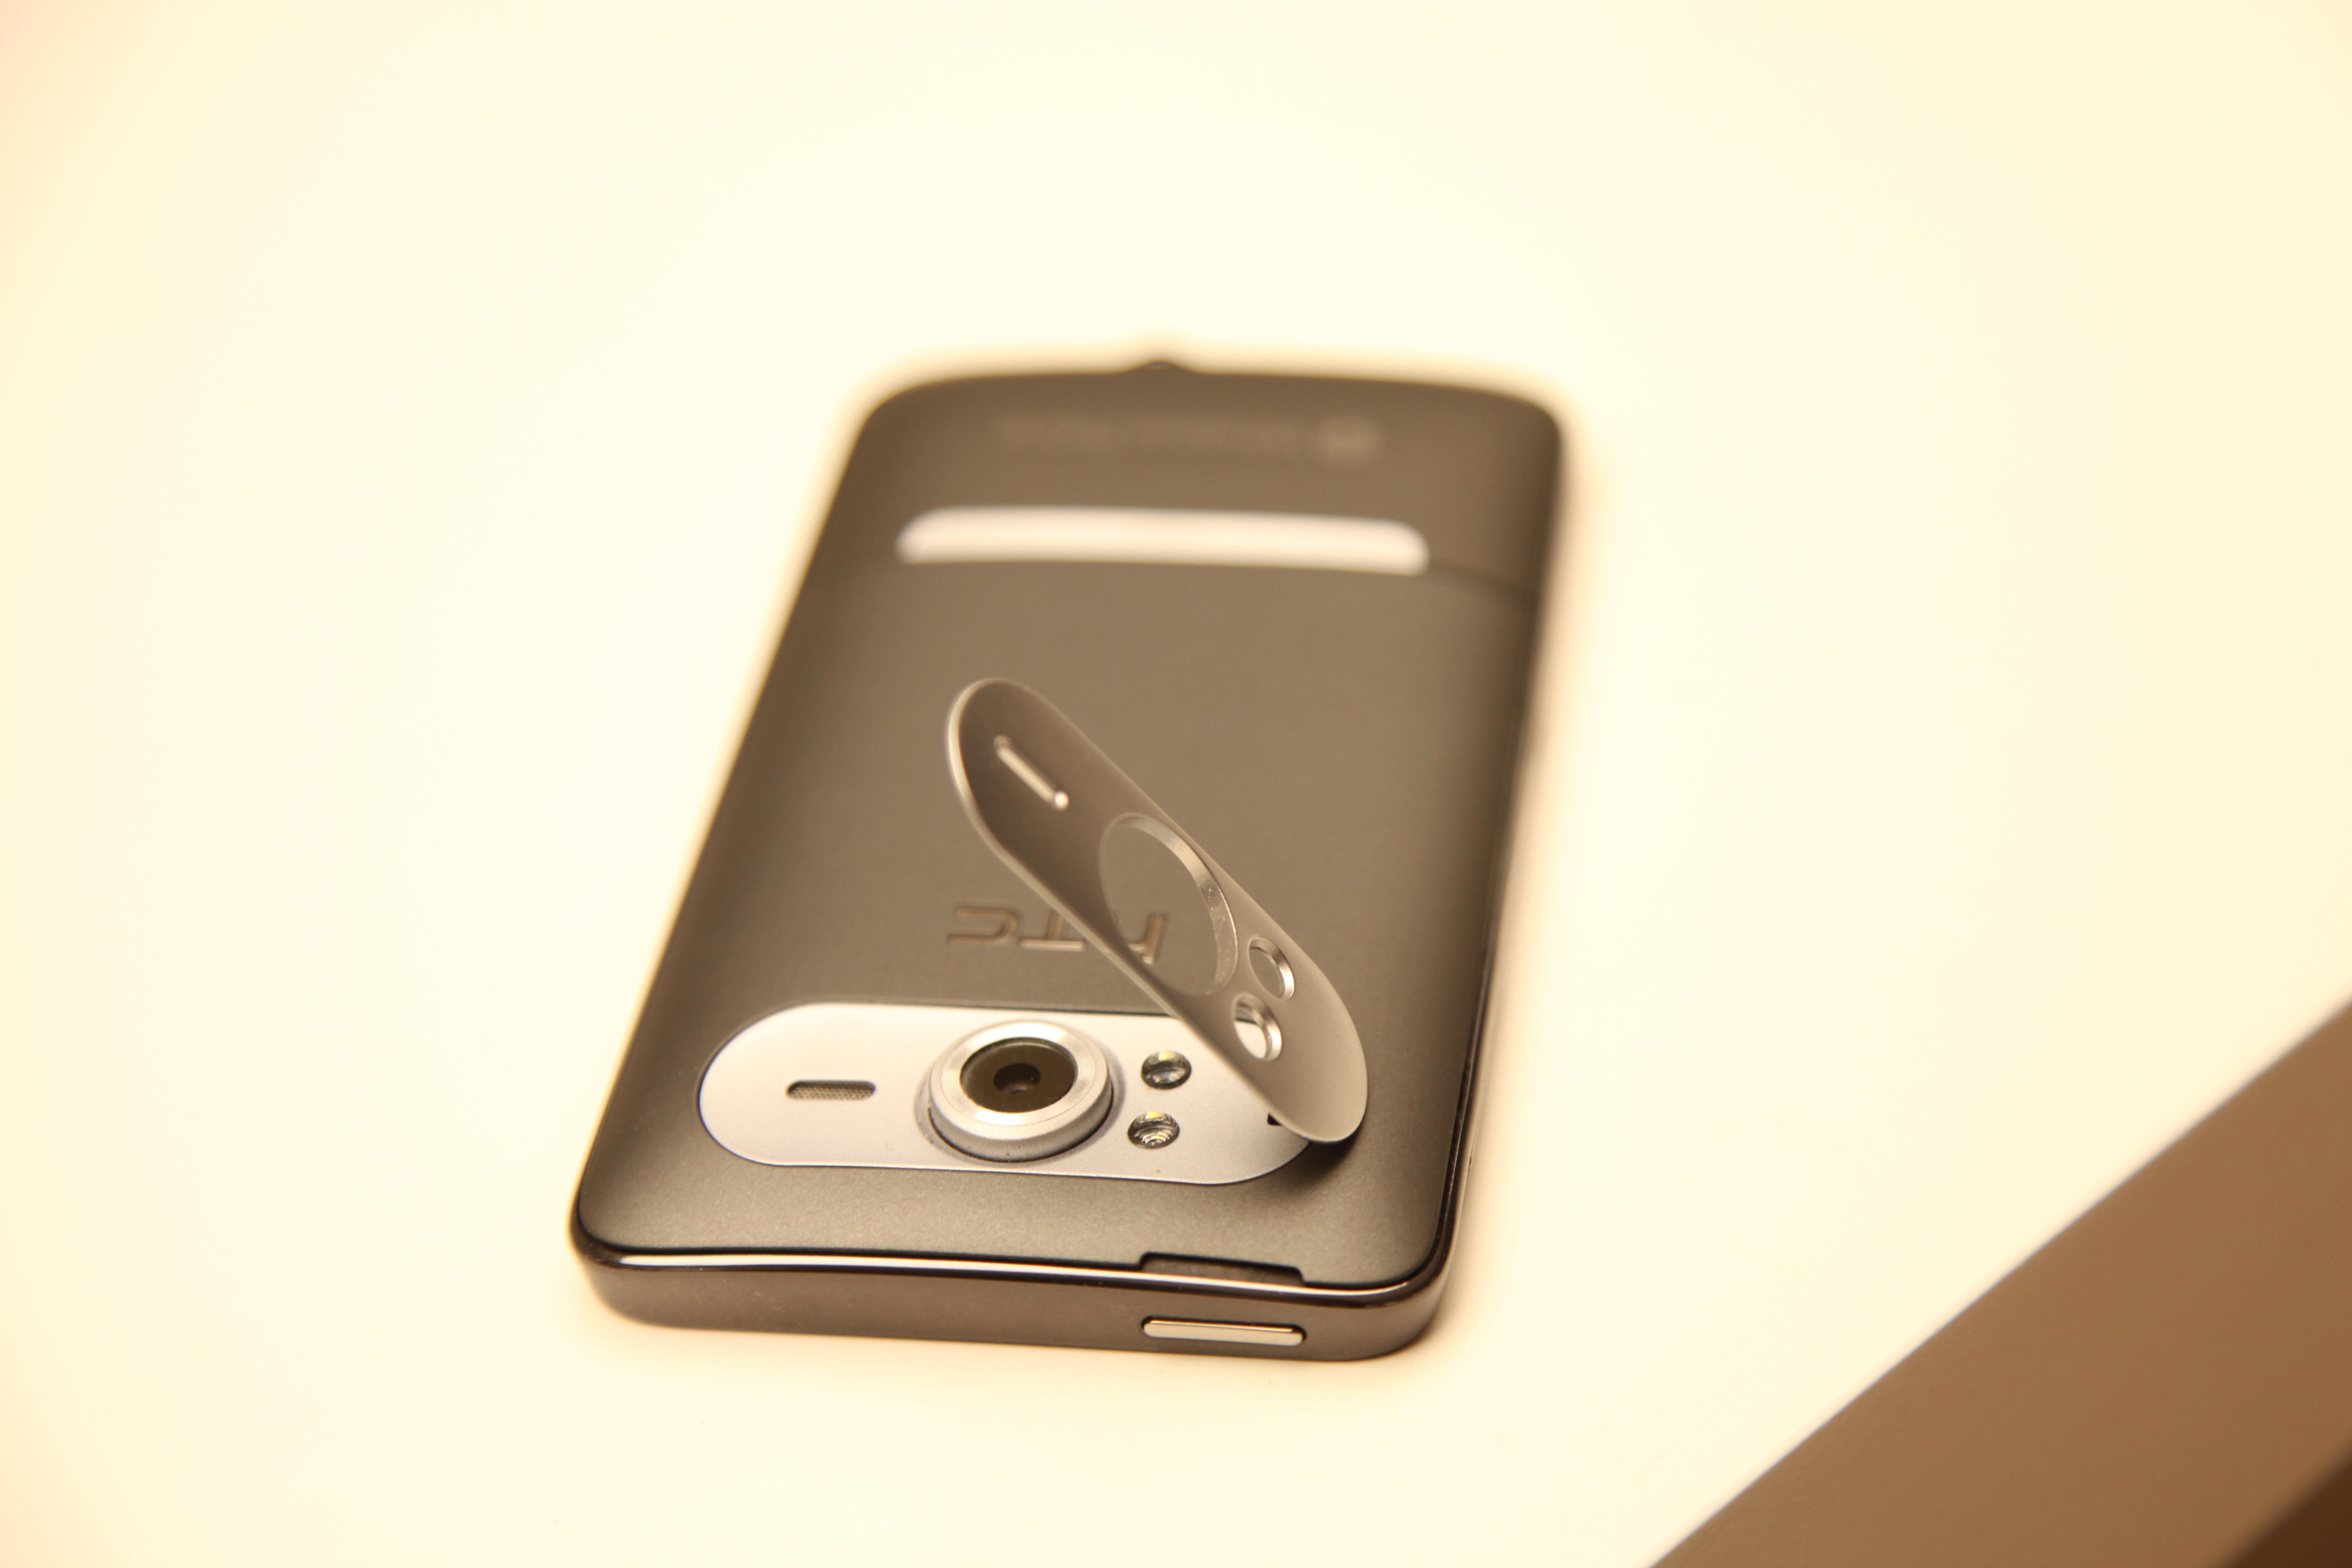 Что собой представляет Айфон 7 в модельном варианте 128Gb Red